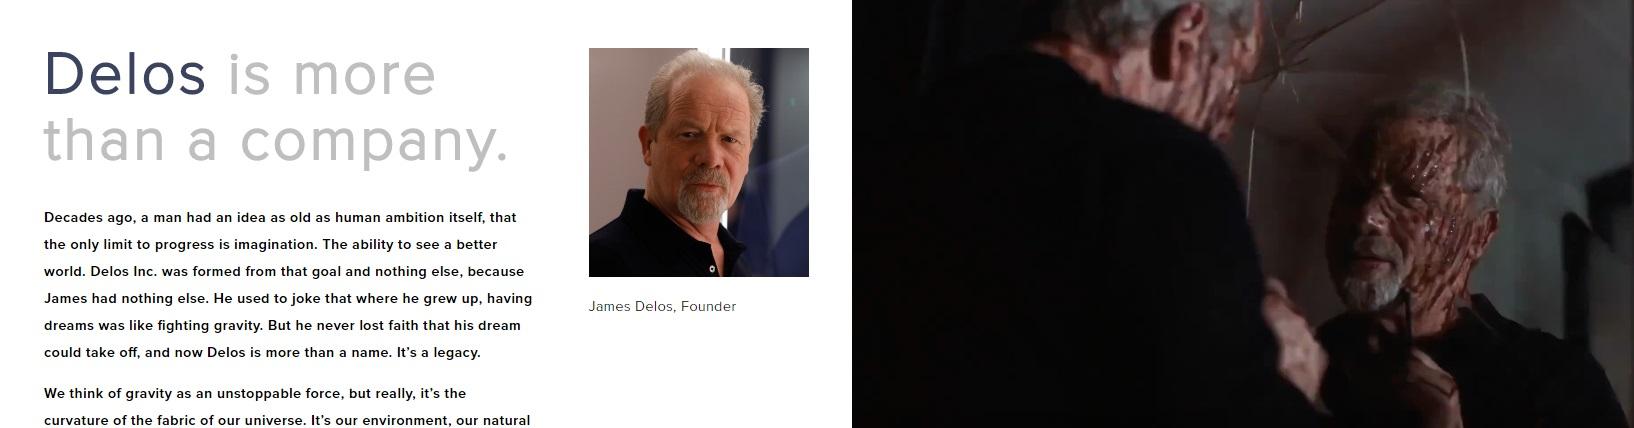 James Delos